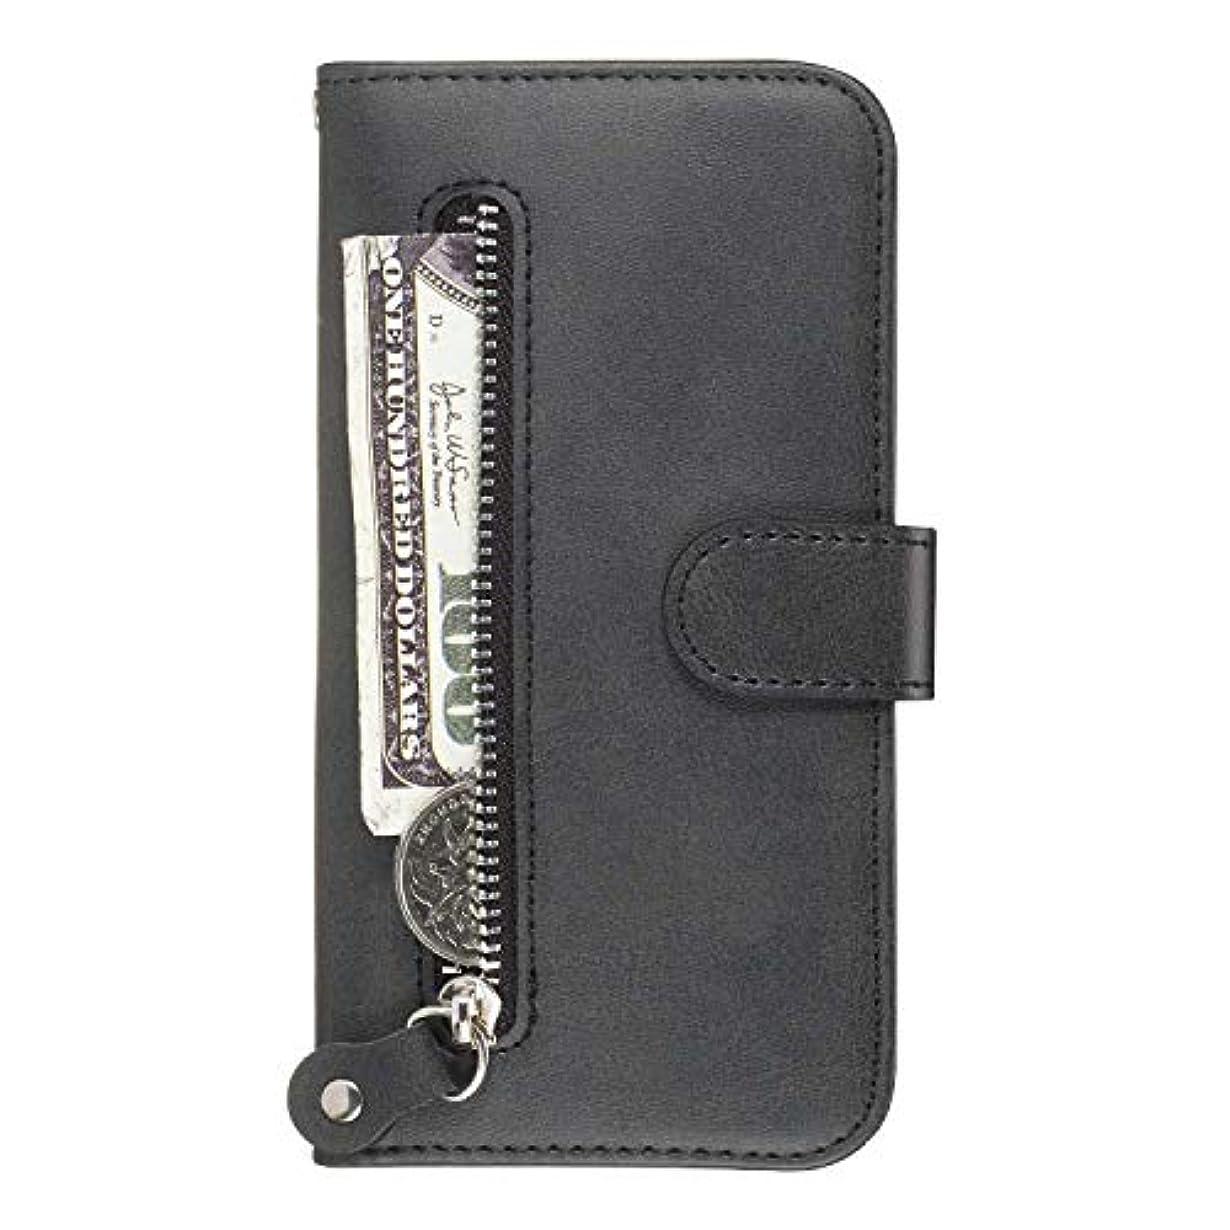 役立つ暗い憤るOMATENTI iPhone X/iPhone XS ケース, 軽量 PUレザー 薄型 簡約風 人気カバー バックケース iPhone X/iPhone XS 用 Case Cover, 液晶保護 カード収納, 財布と...